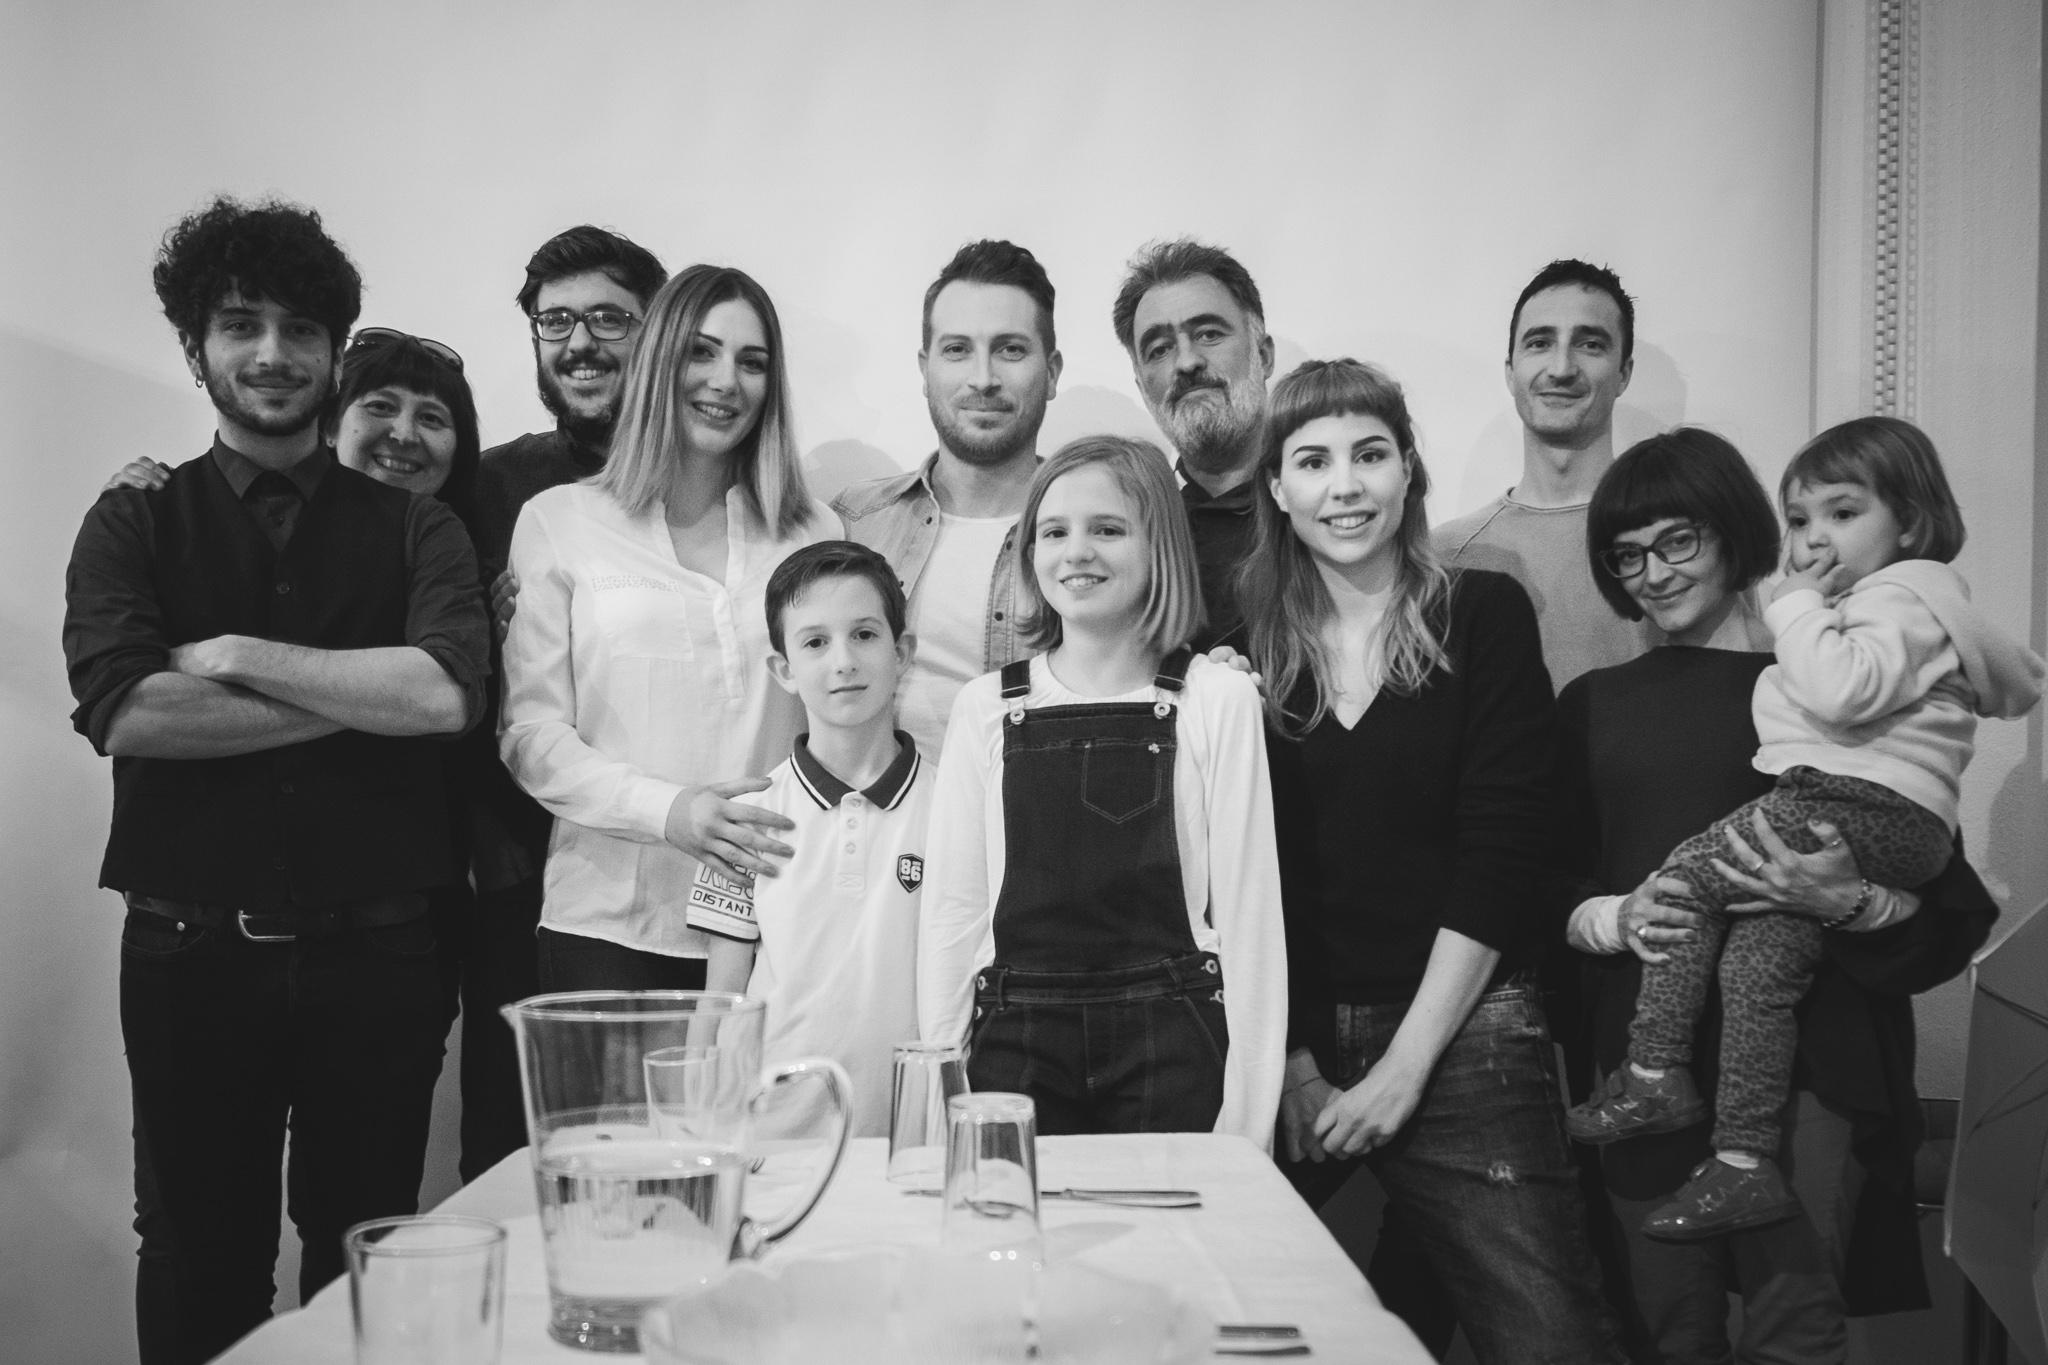 La parola segreta di ieri sera è stata 'collaborazione', e insieme agli altri abbiamo fatto la nostra parte. Parte di una parte di un nuovo progetto. Grazie a tutti!  FujiFilm X-T1 - XF 18-55mm f/2.8-4 R LM OIS